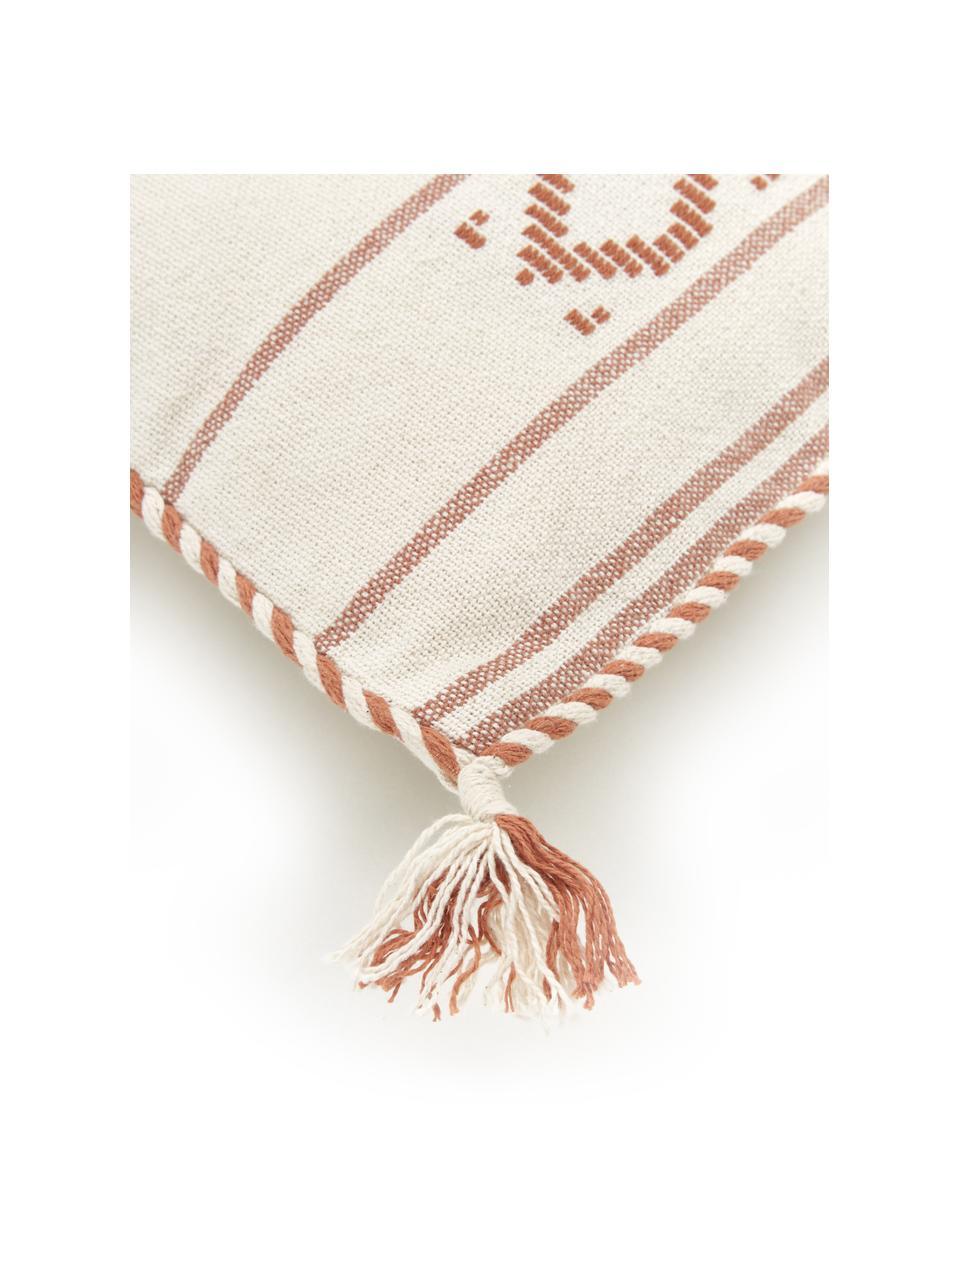 Baumwoll-Kissenhülle Okiro mit Kederumrandung und Quasten in Aprikose/Beige, 100% Baumwolle, Beige, Aprikose, 30 x 50 cm